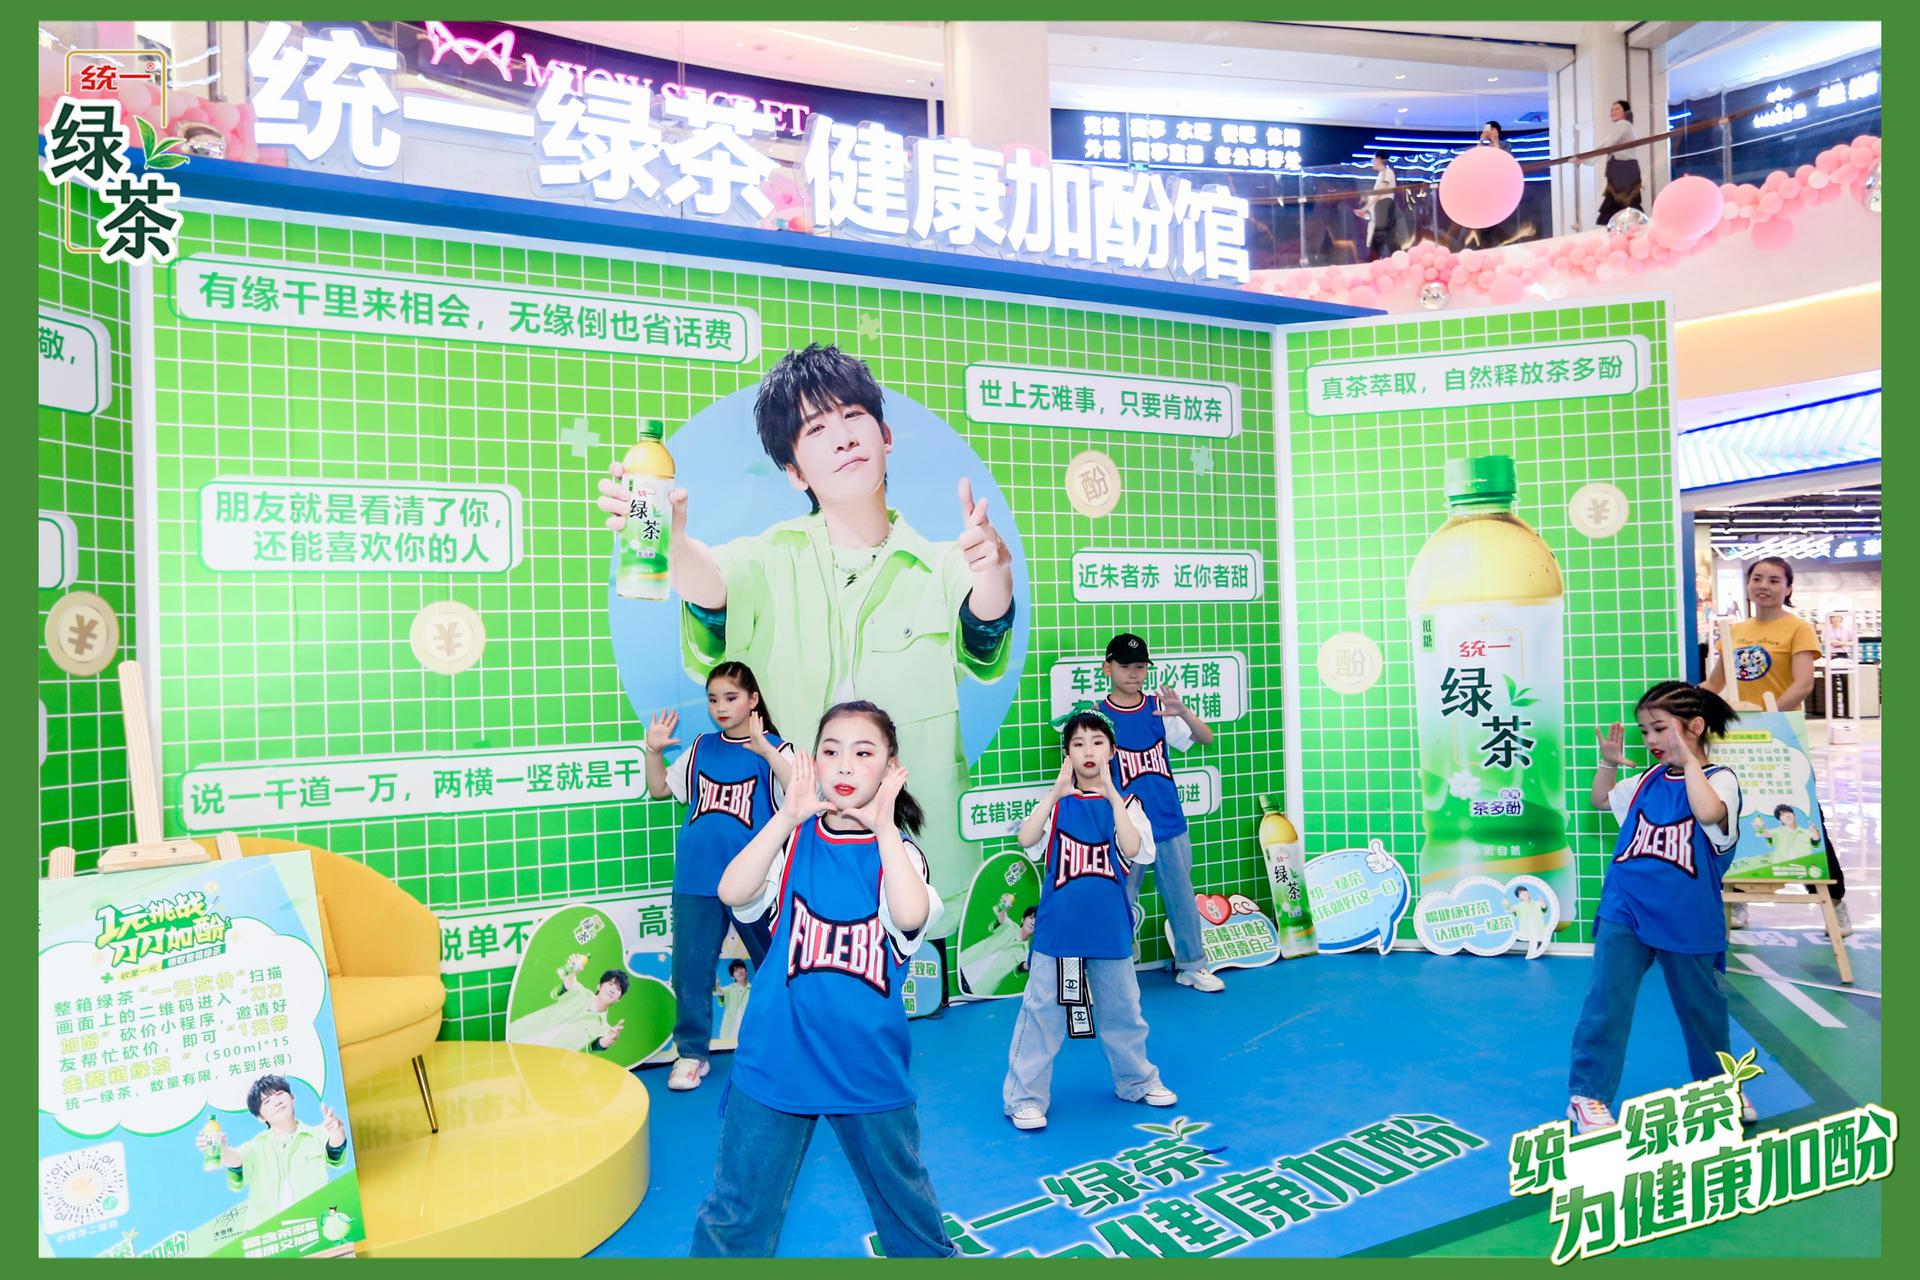 统一绿茶·健康加酚馆快闪活动策划满眼的绿色活力已悄然溢出屏幕